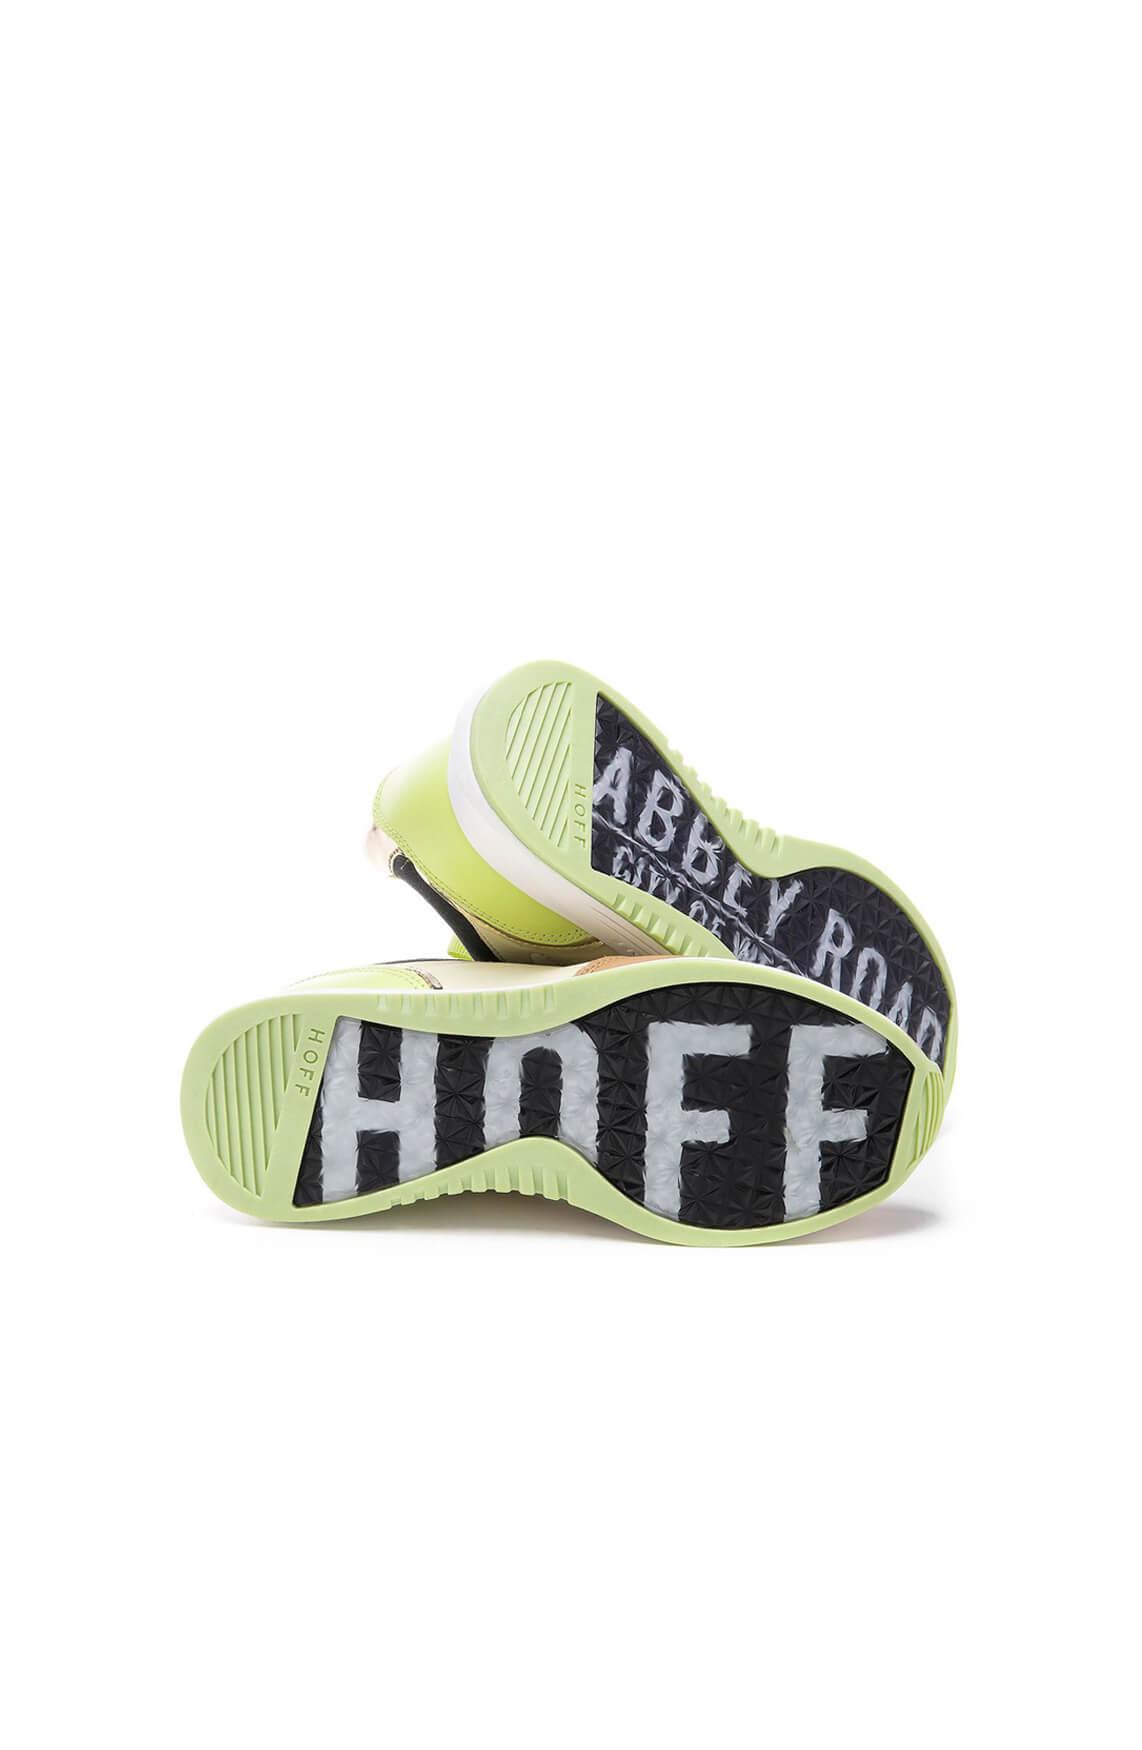 Hoff Dames Abbey sneaker groen